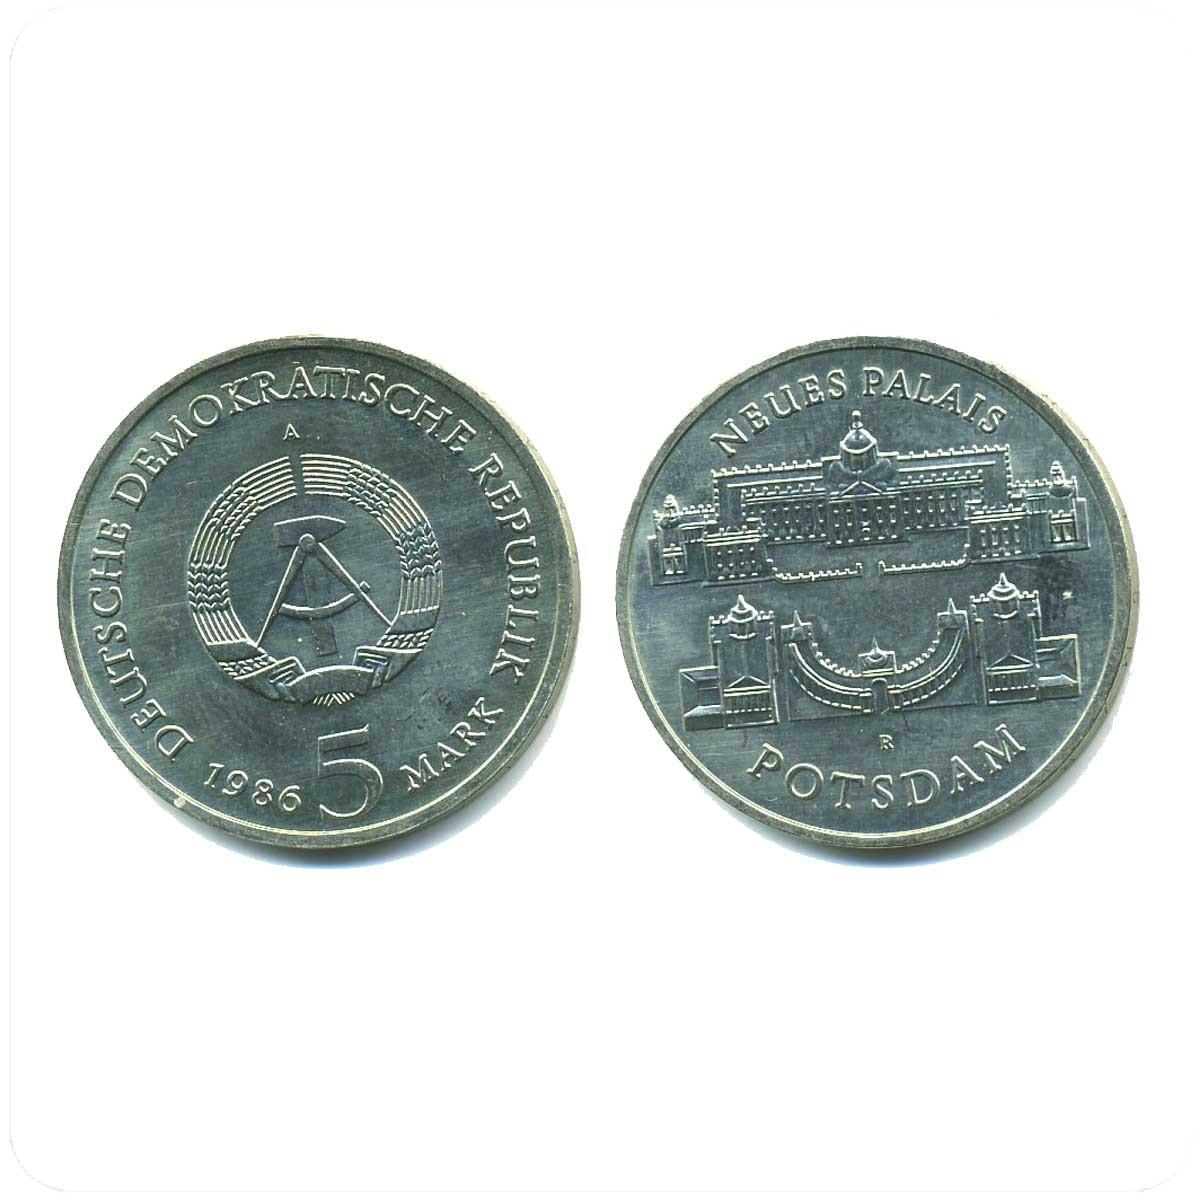 ГДР 5 марок 1986 года Новый дворец в Потсдаме код 20734